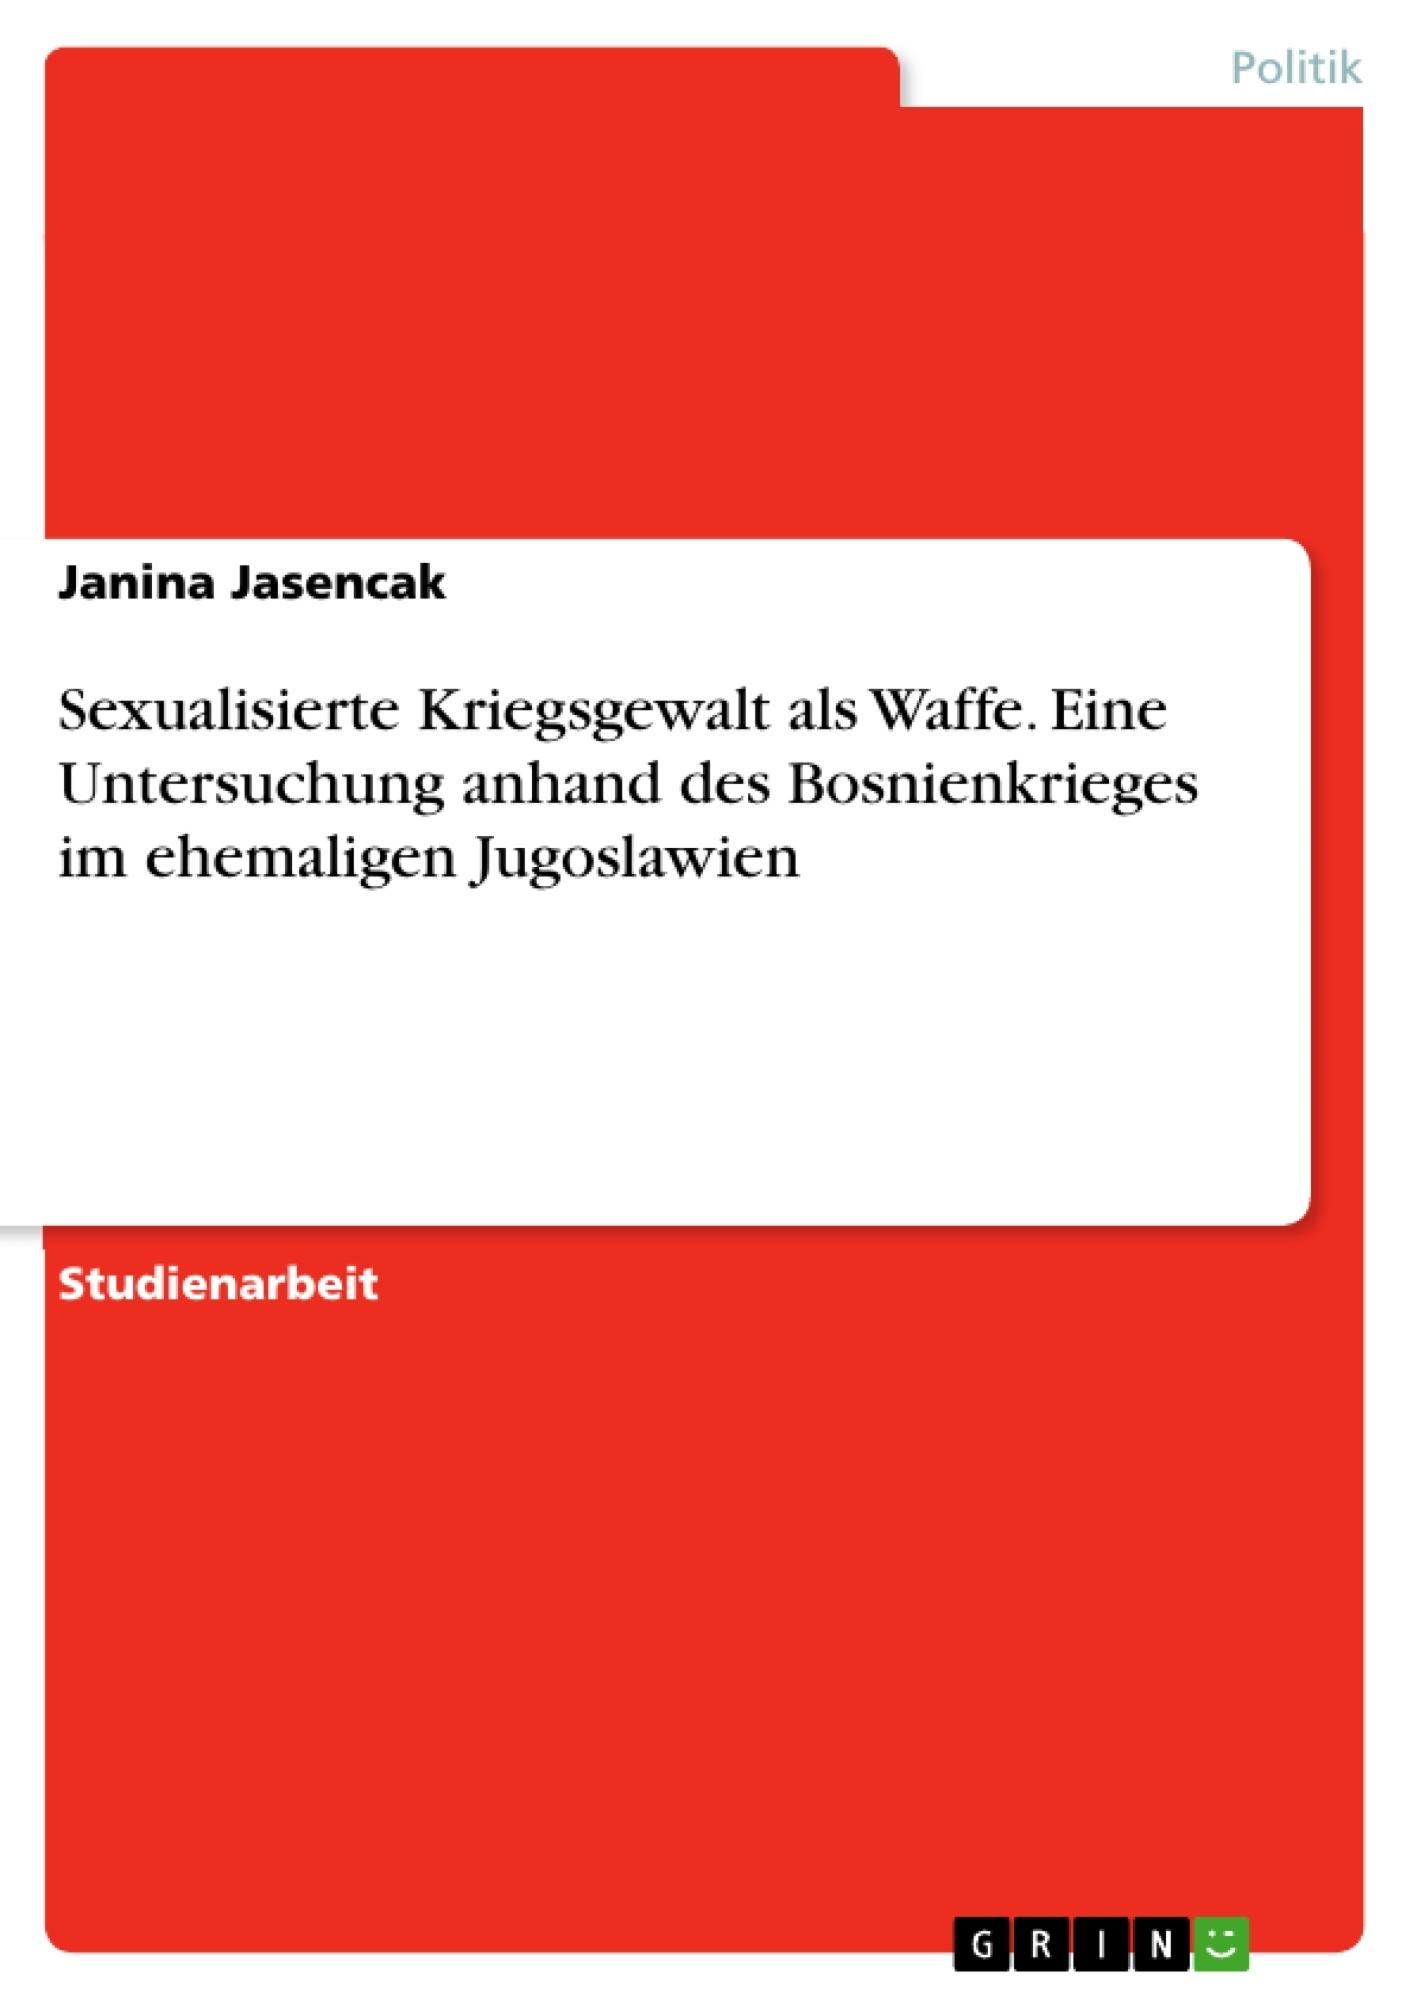 Titel: Sexualisierte Kriegsgewalt als Waffe. Eine Untersuchung anhand des Bosnienkrieges im ehemaligen Jugoslawien